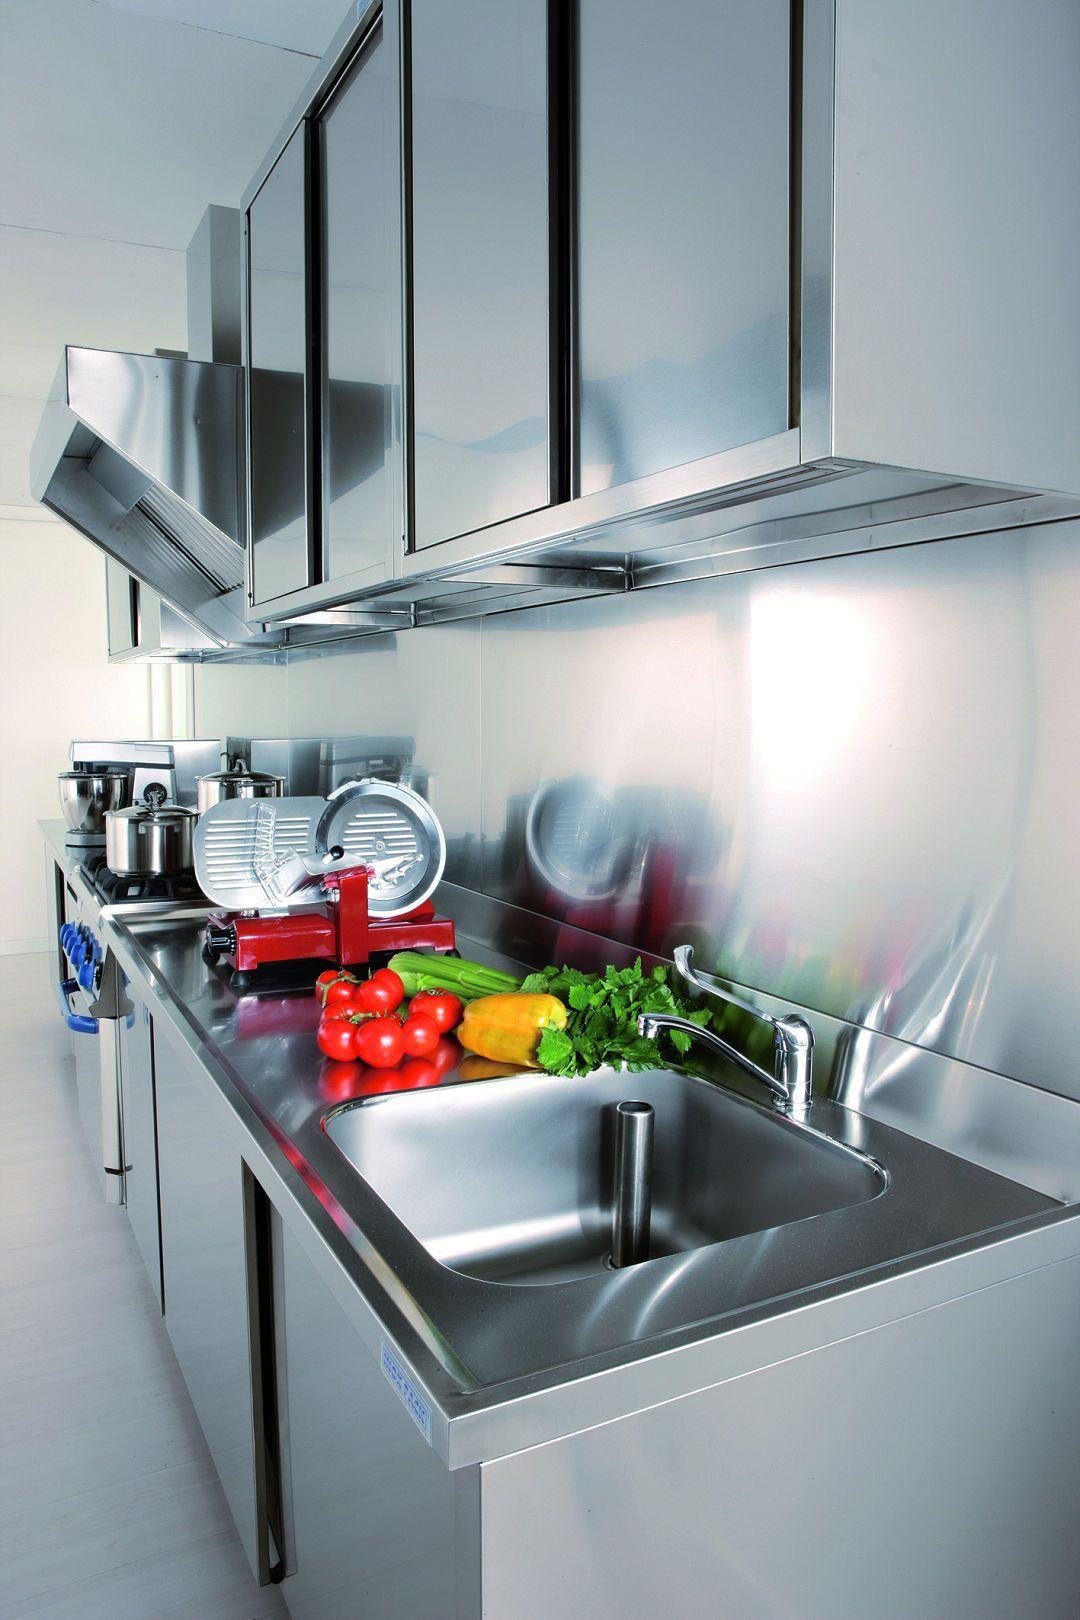 Arca Cucine Italia Cucine Domestiche In Acciaio Inox 12 Gourmet Grand Chef Aspirazione E Pens Cucine Di Lusso Decorazione Cucina Cucina In Acciaio Inox